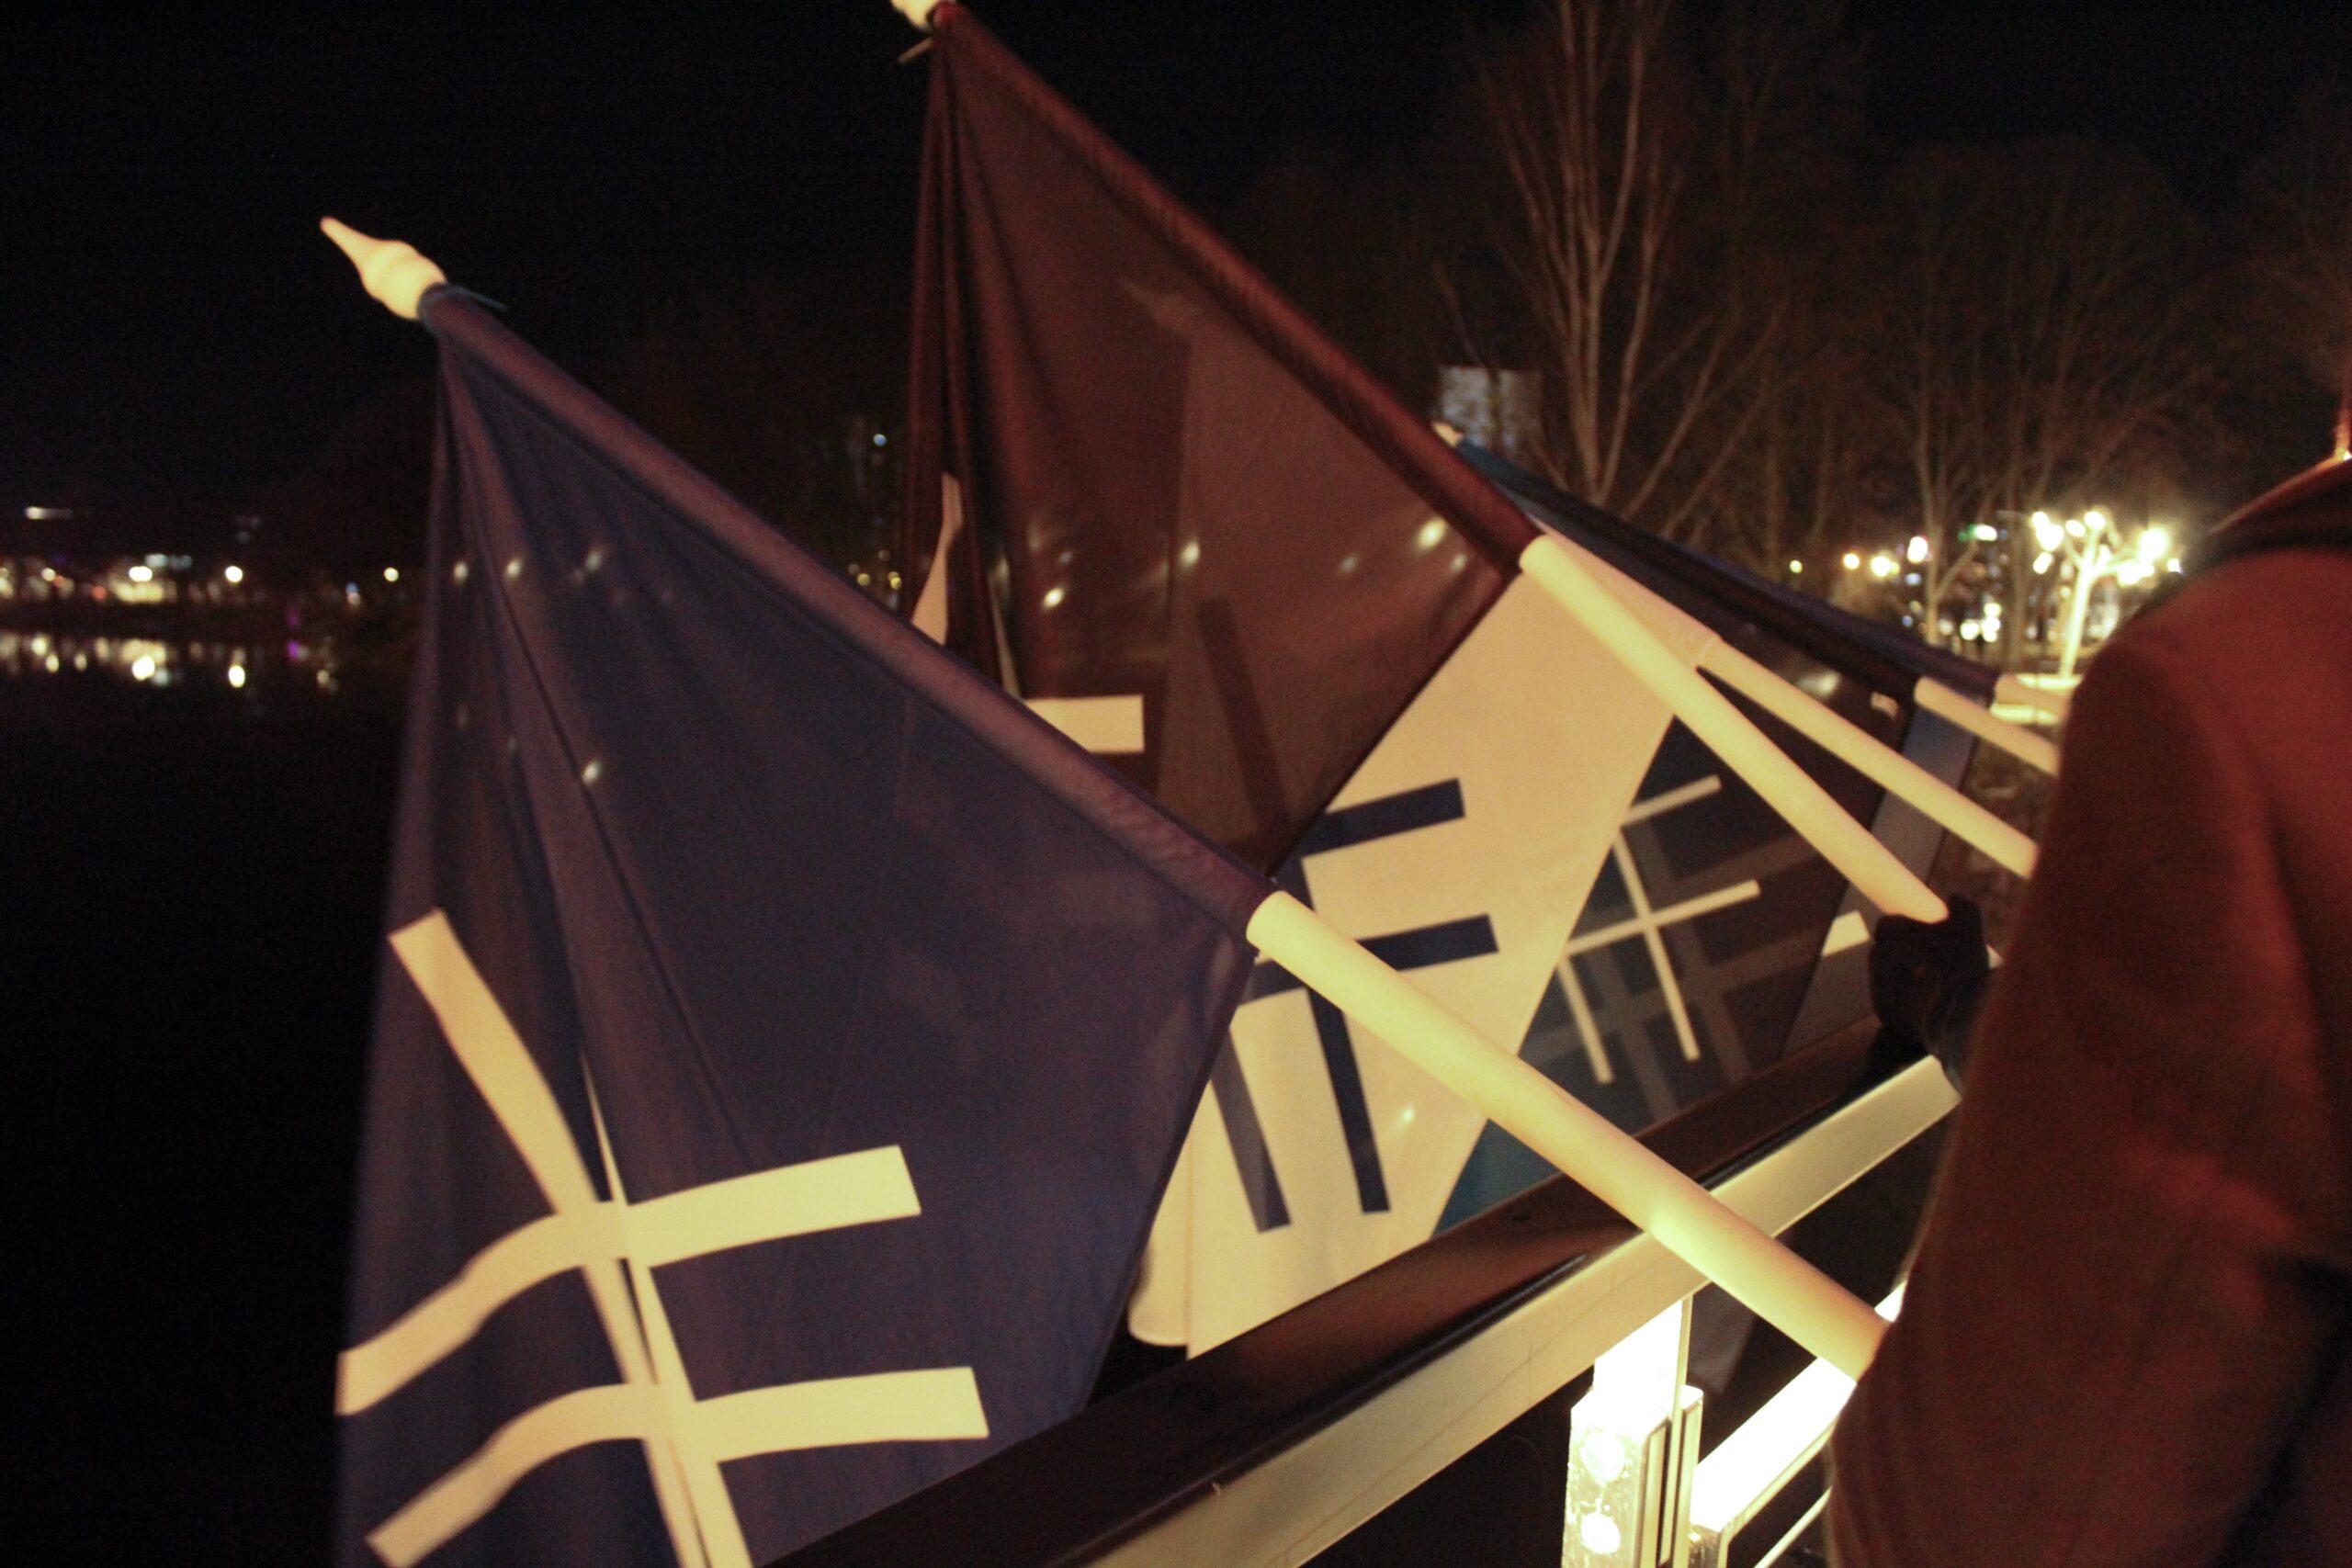 Sinine Äratus korraldas Tartus Kaarsillal 7. sünnipäeva